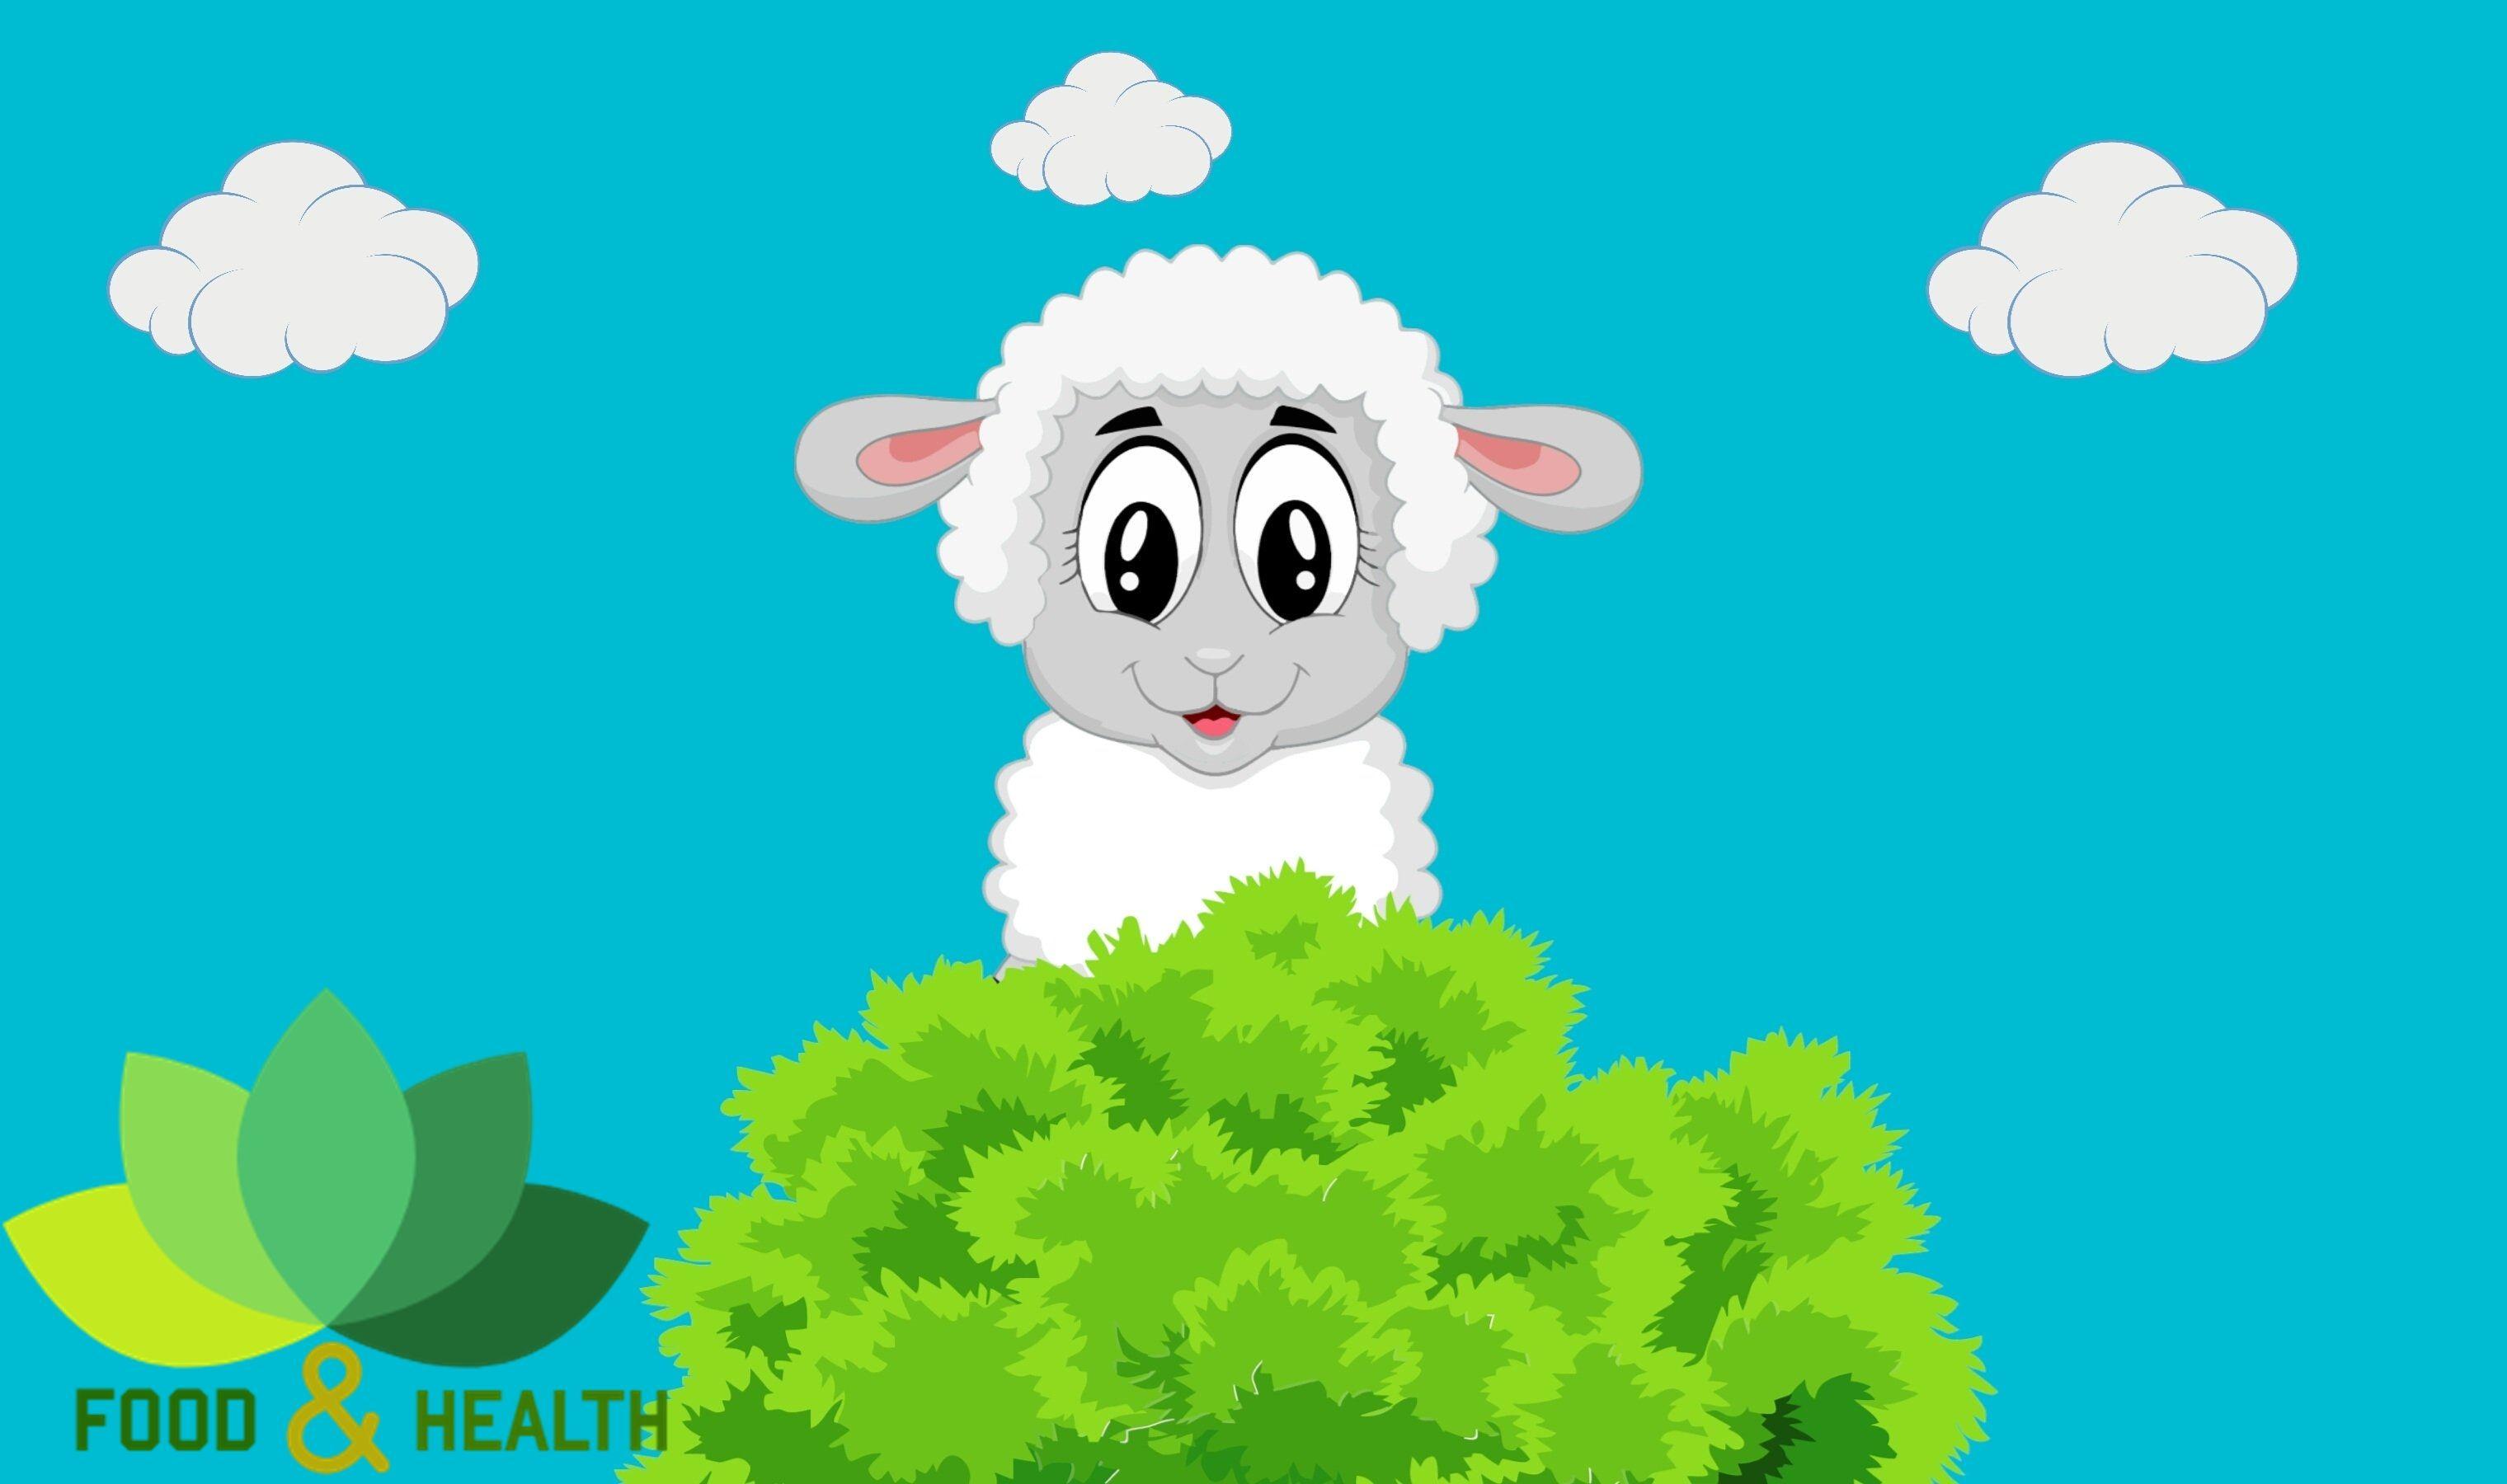 Eid Ul Azha Mubarak 2021 In 2020 Eid Ul Adha Messages Eid Ul Adha Images Eid Ul Adha